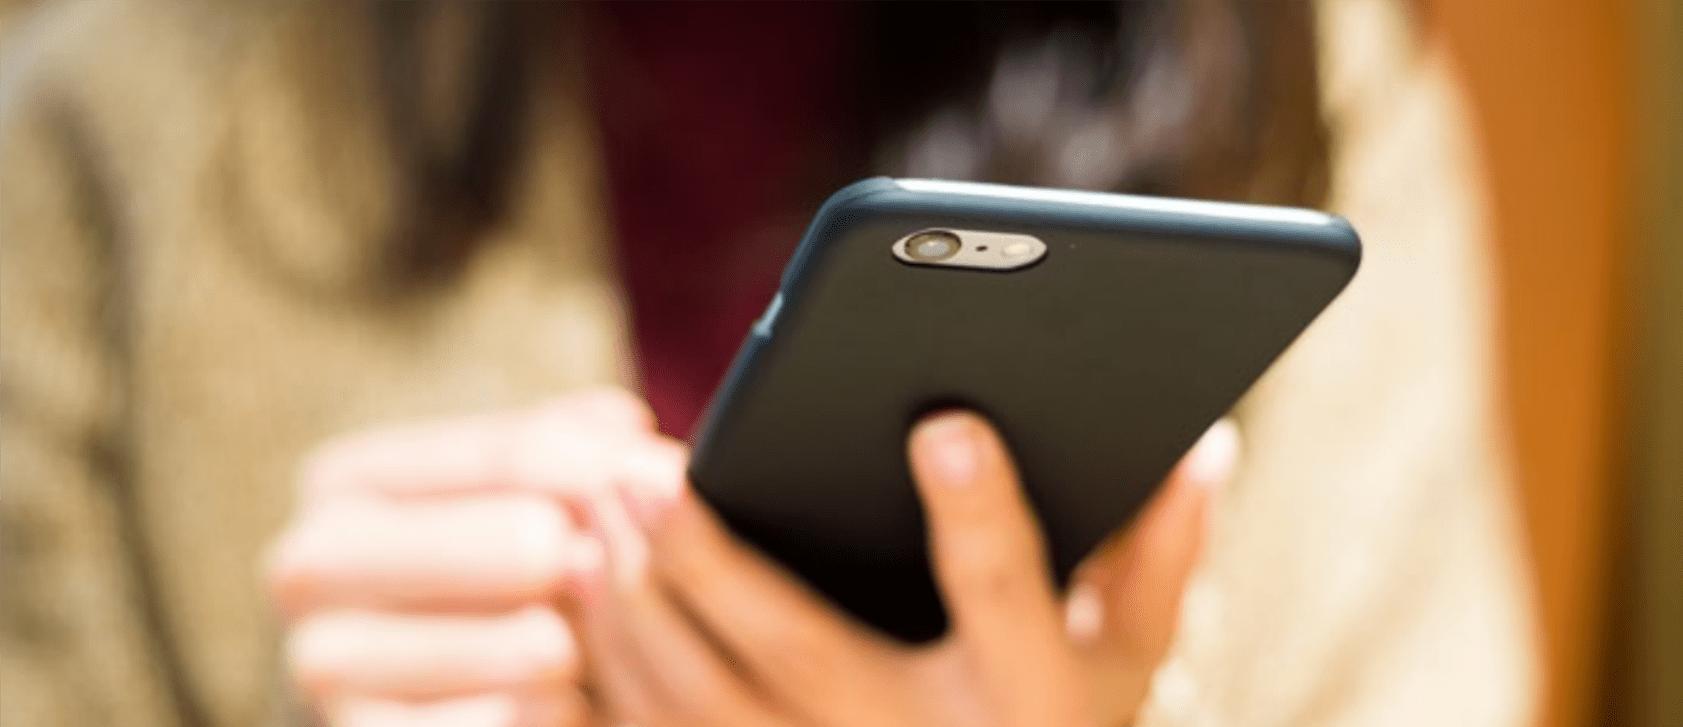 Tabletowo.pl Akcja wymiany baterii w iPhone'ach była pięć razy bardziej popularna niż pierwotnie zakładało Apple Apple Raporty/Statystyki